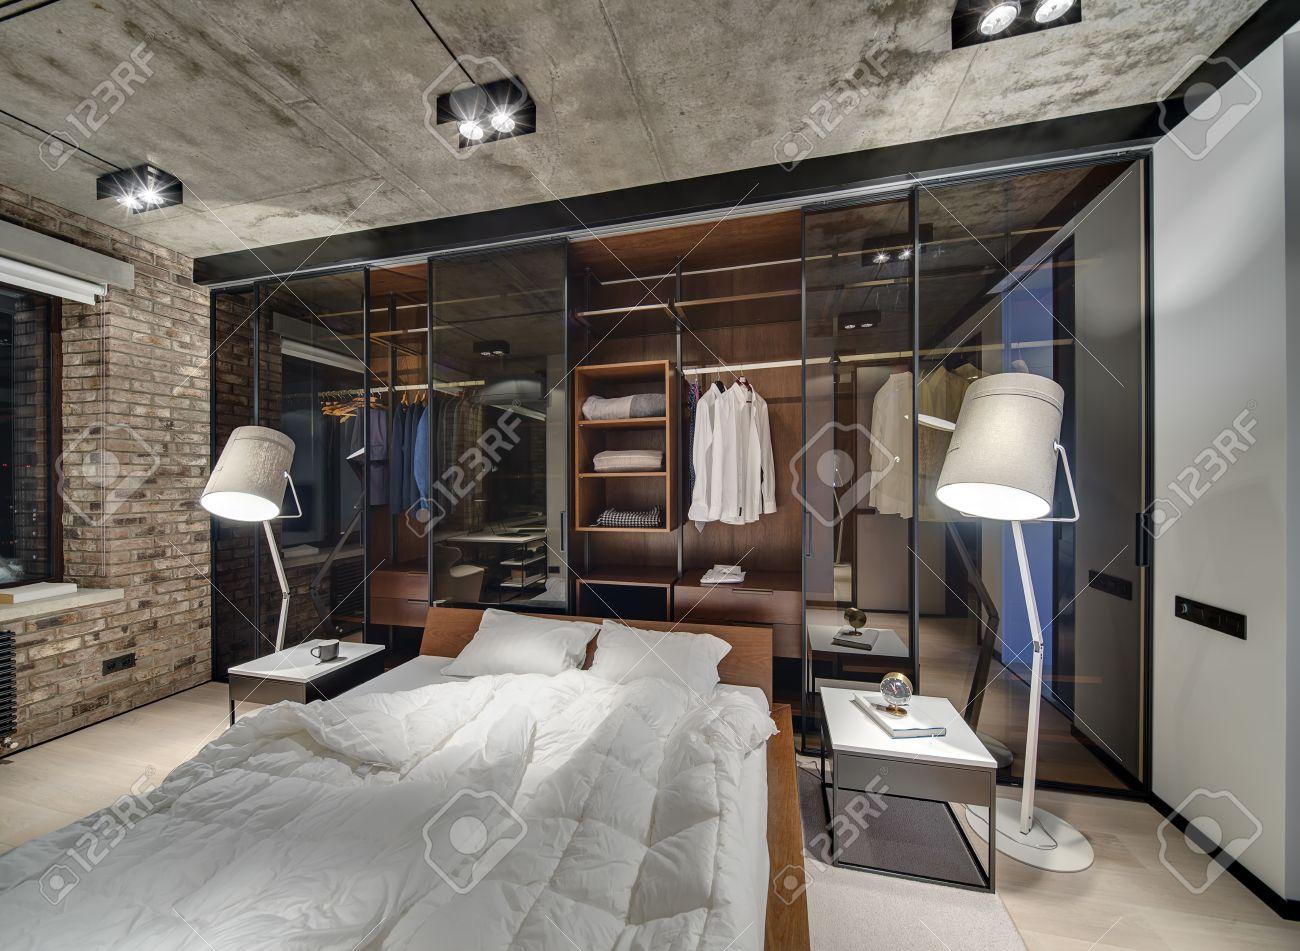 Dormitorio Tipo Loft Con Paredes De Ladrillo Y Techo De Hormigon - Cama-loft